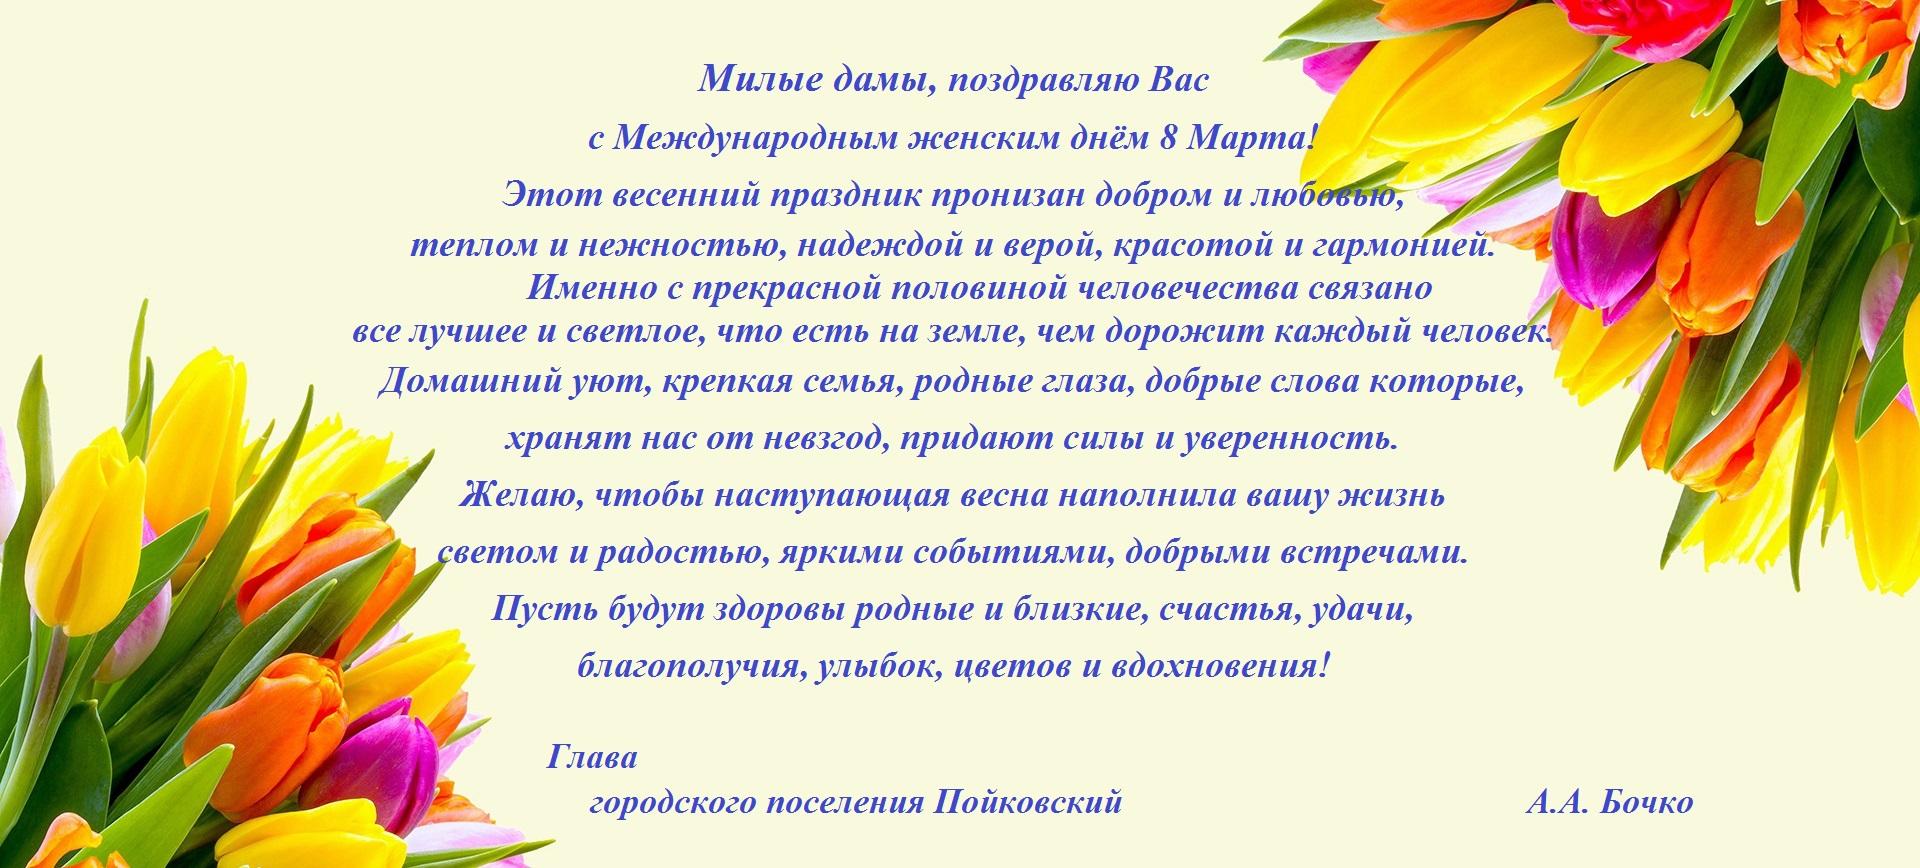 Официальное поздравление речь с 8 марта